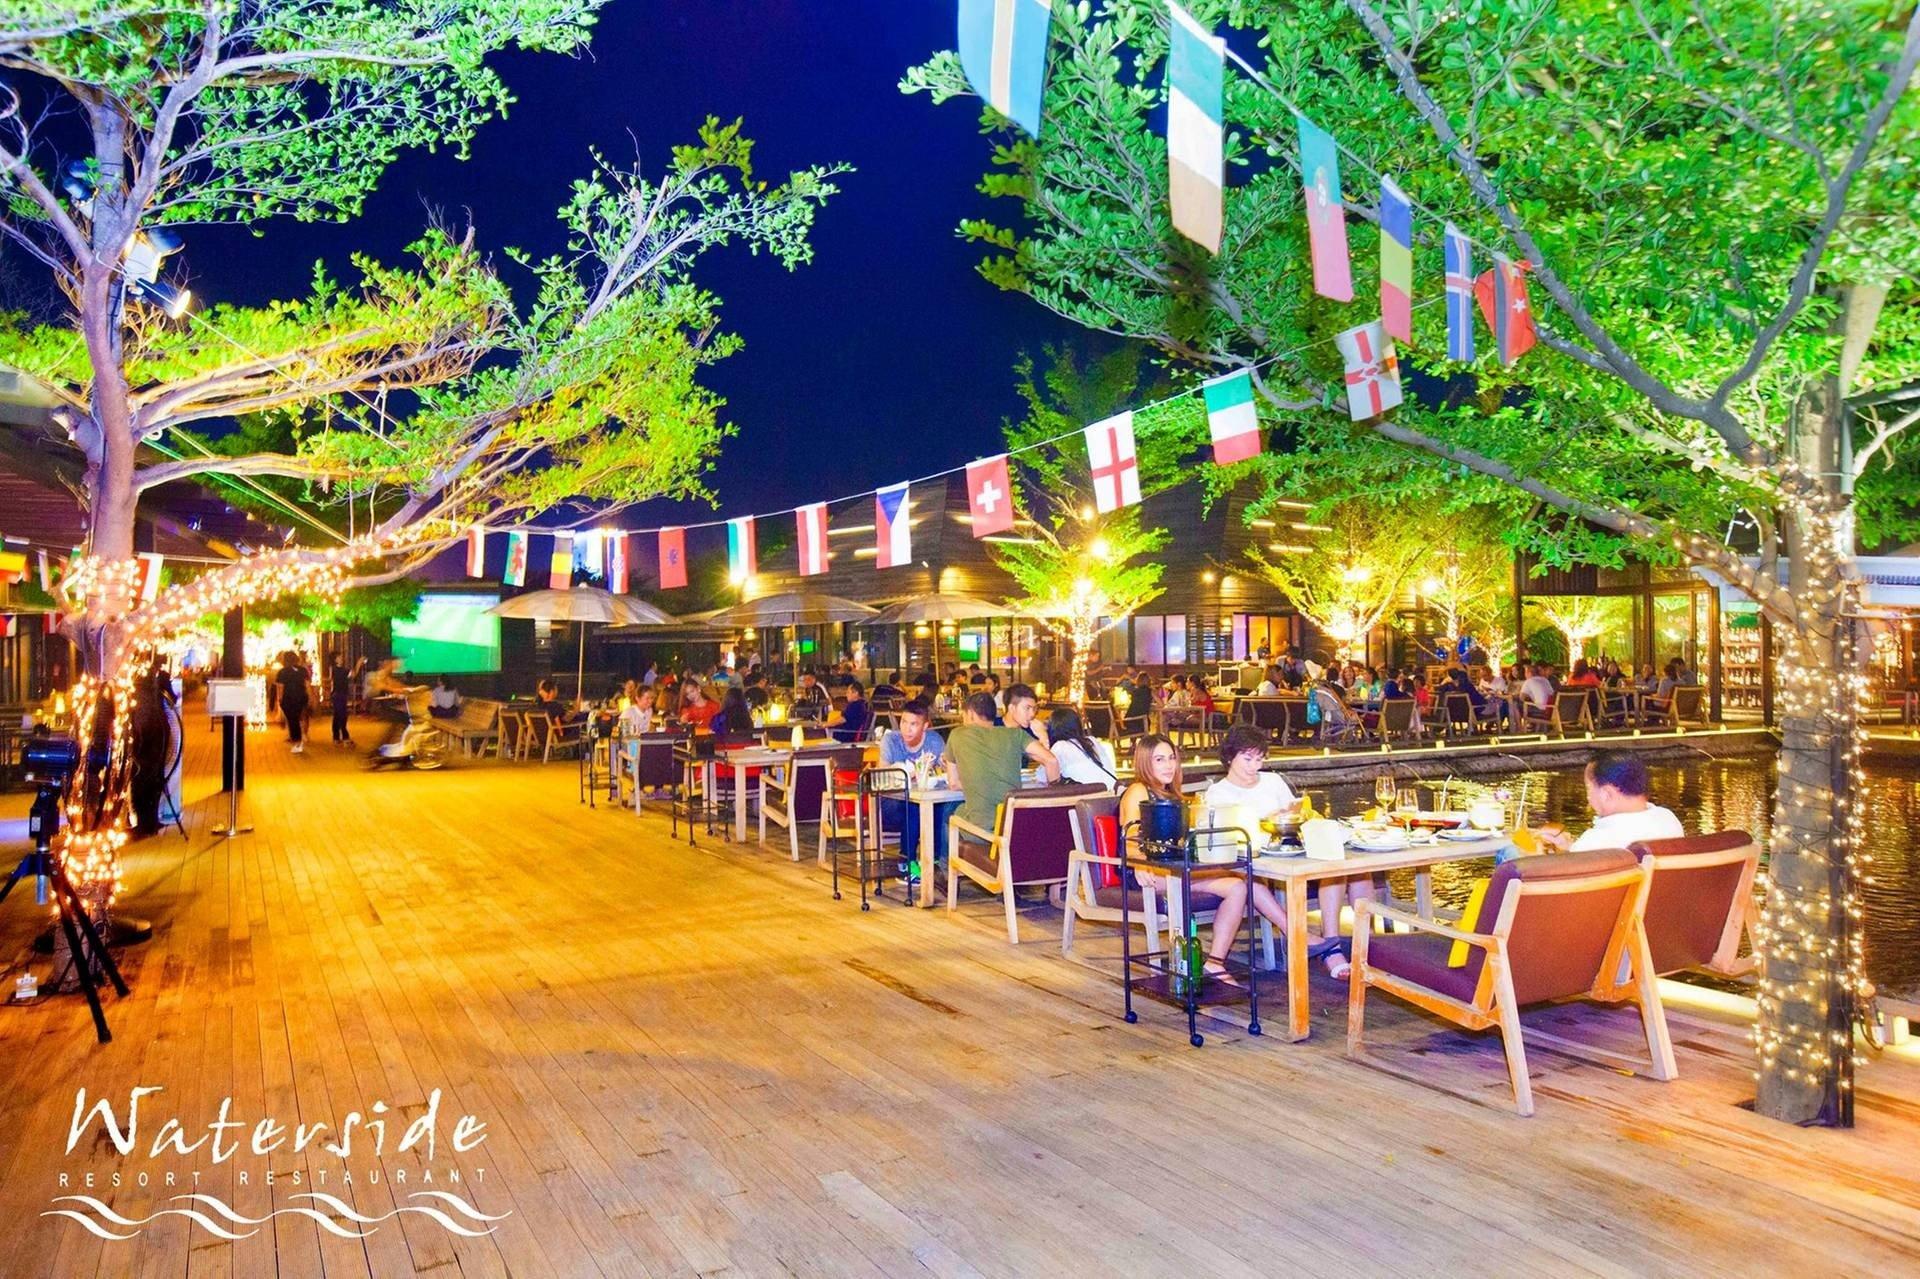 Waterside Karaoke Restaurant เกษตร - นวมินทร์